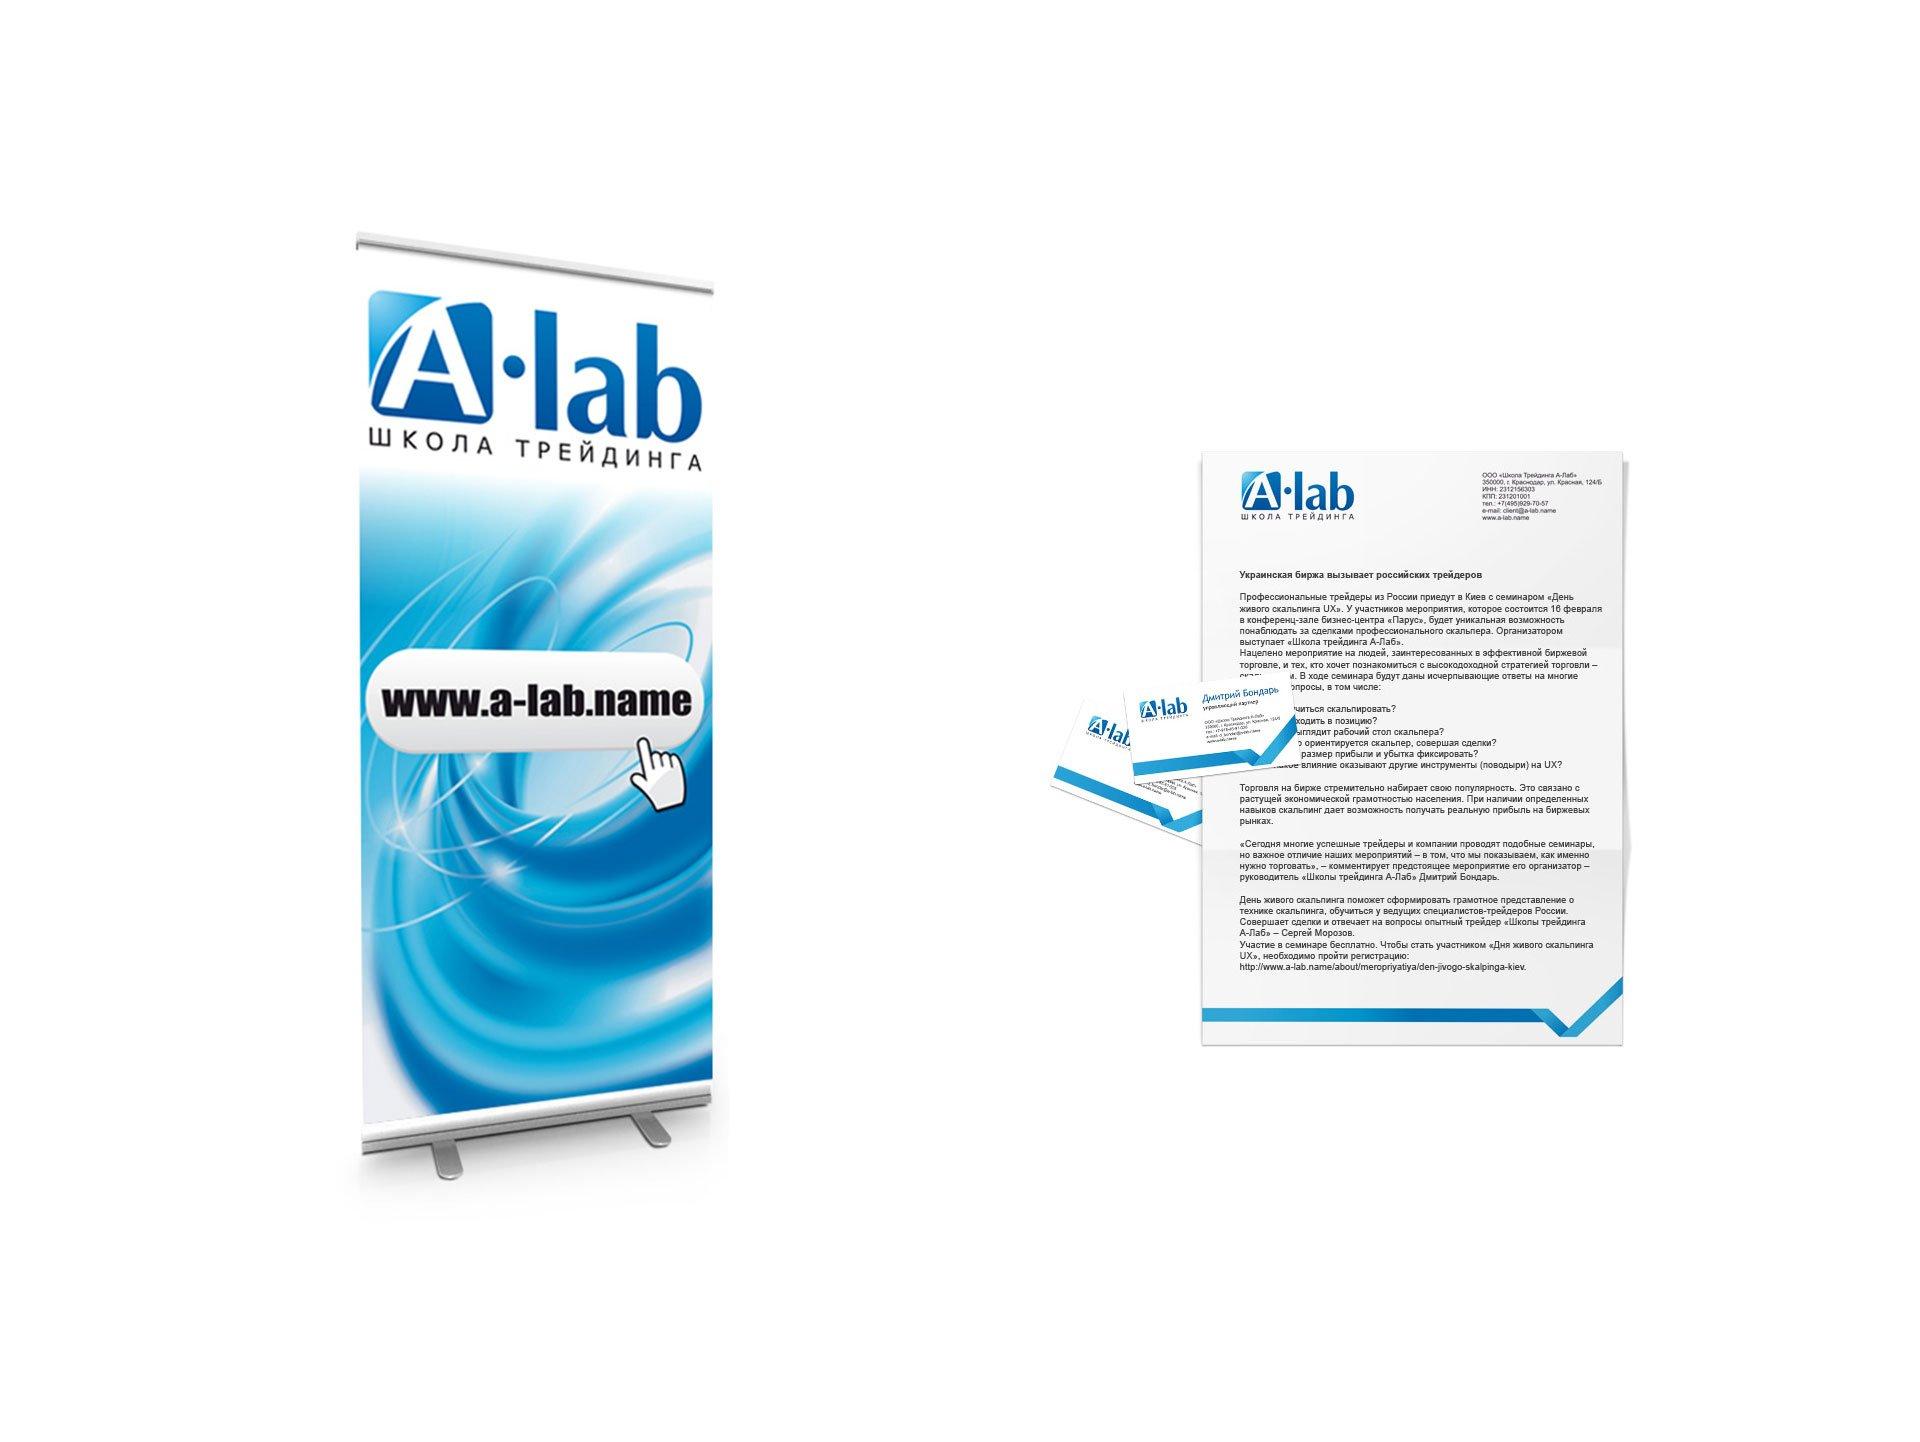 A-lab-02